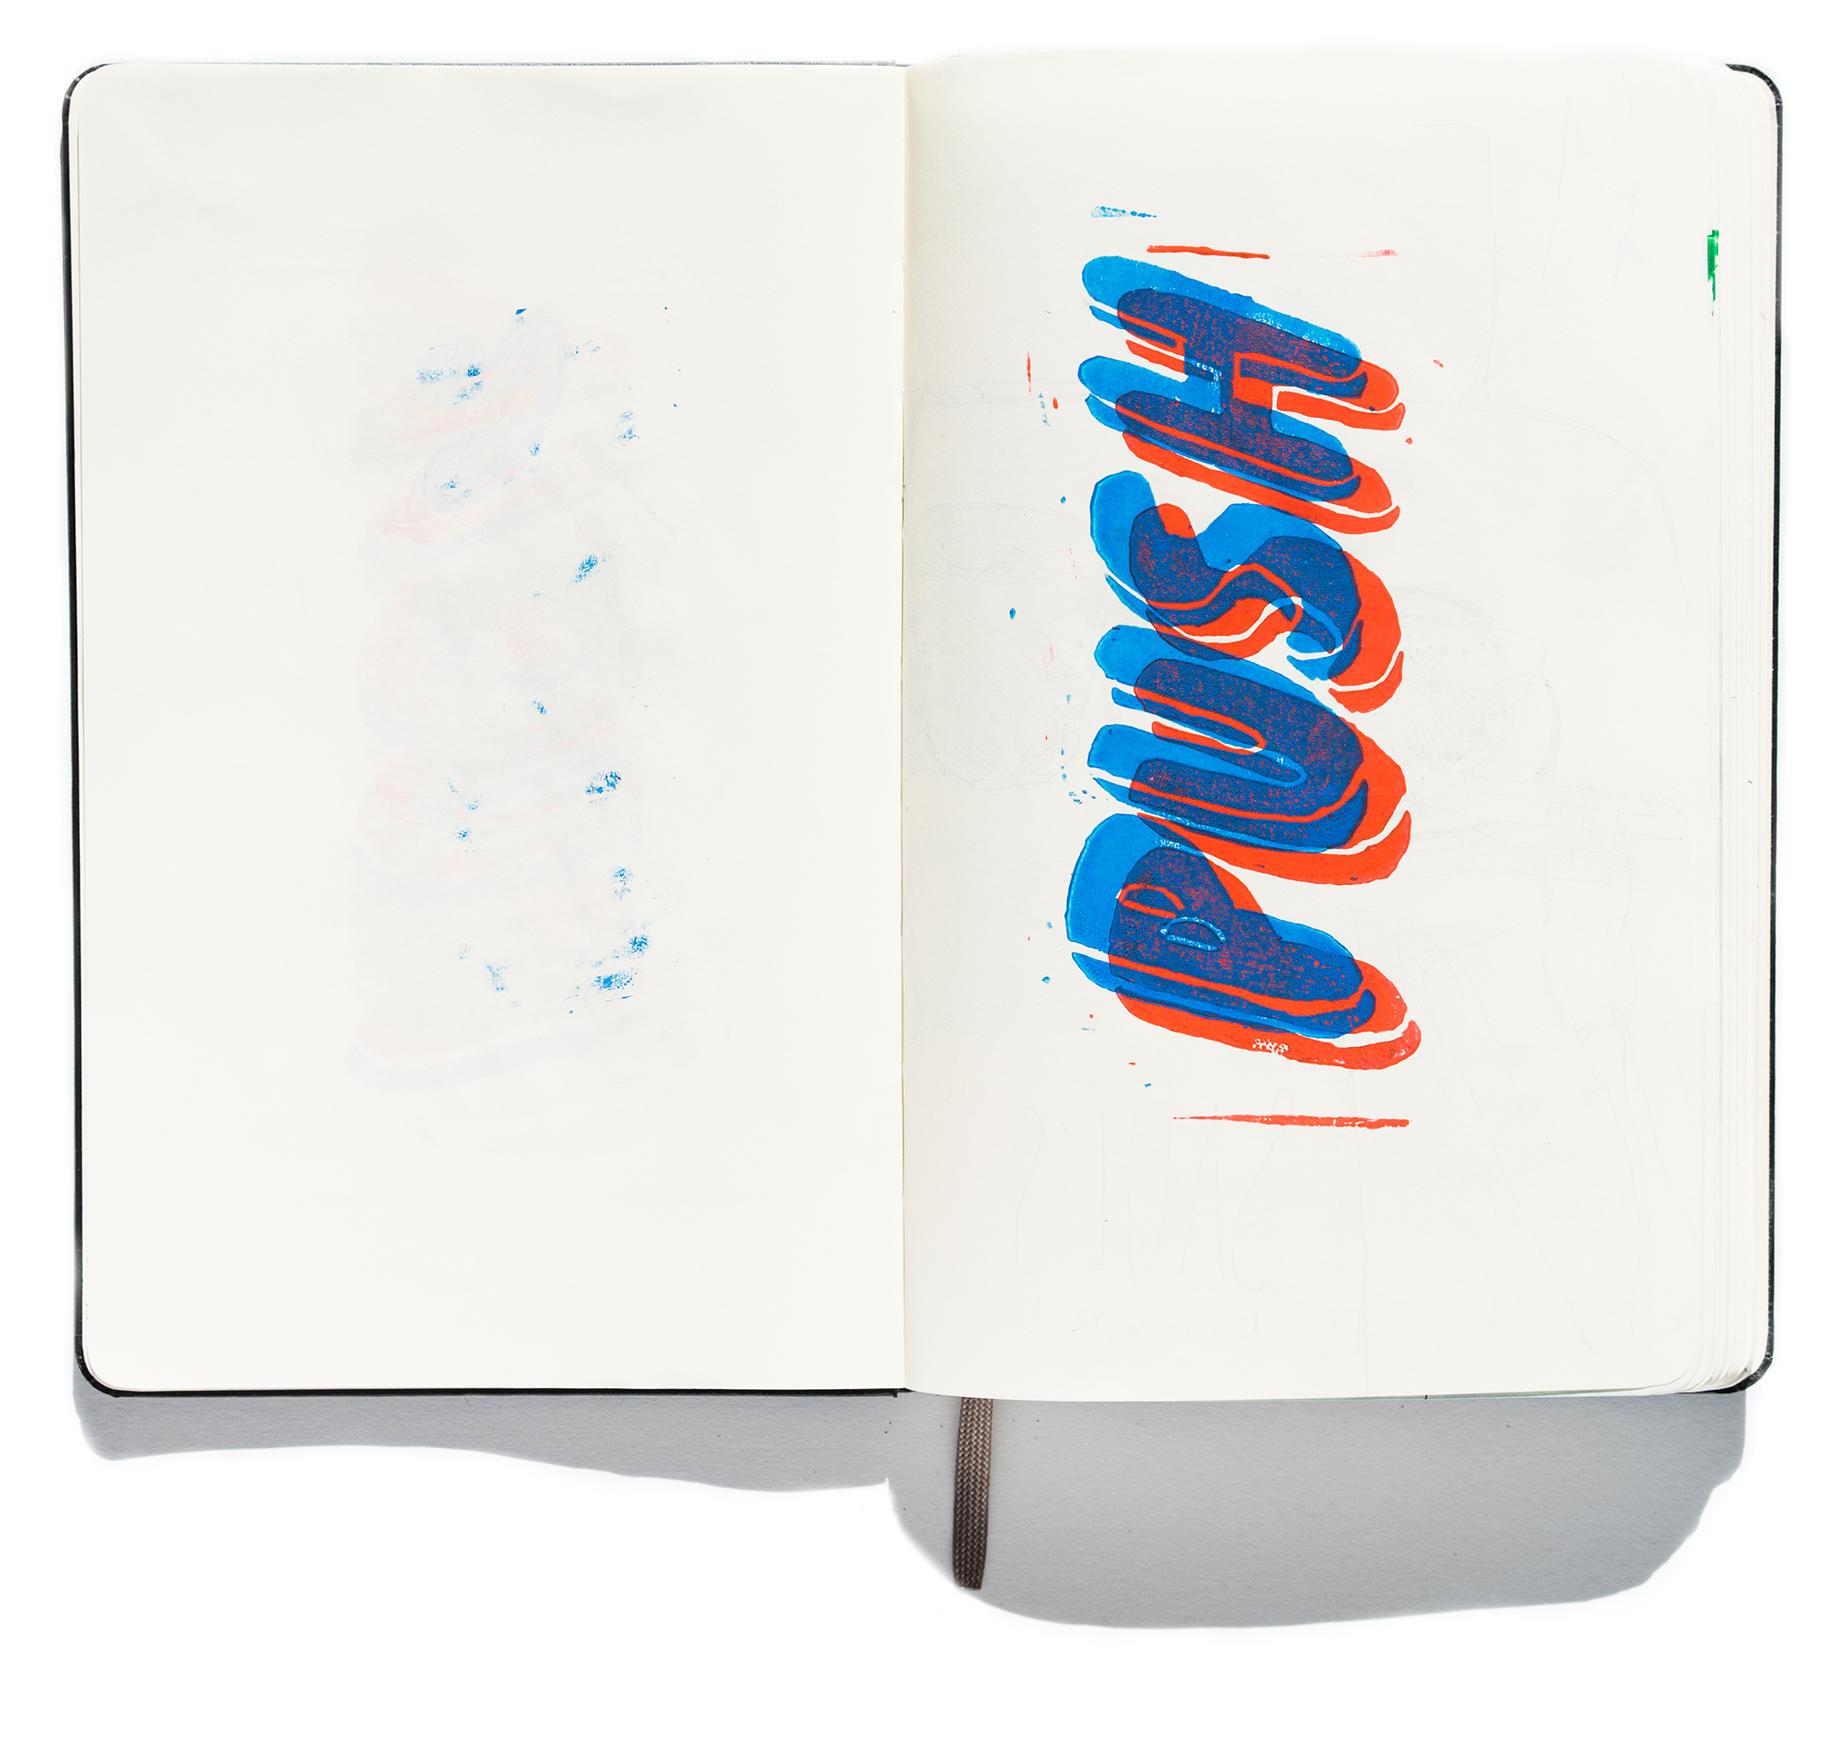 Sketchbook_12.jpg